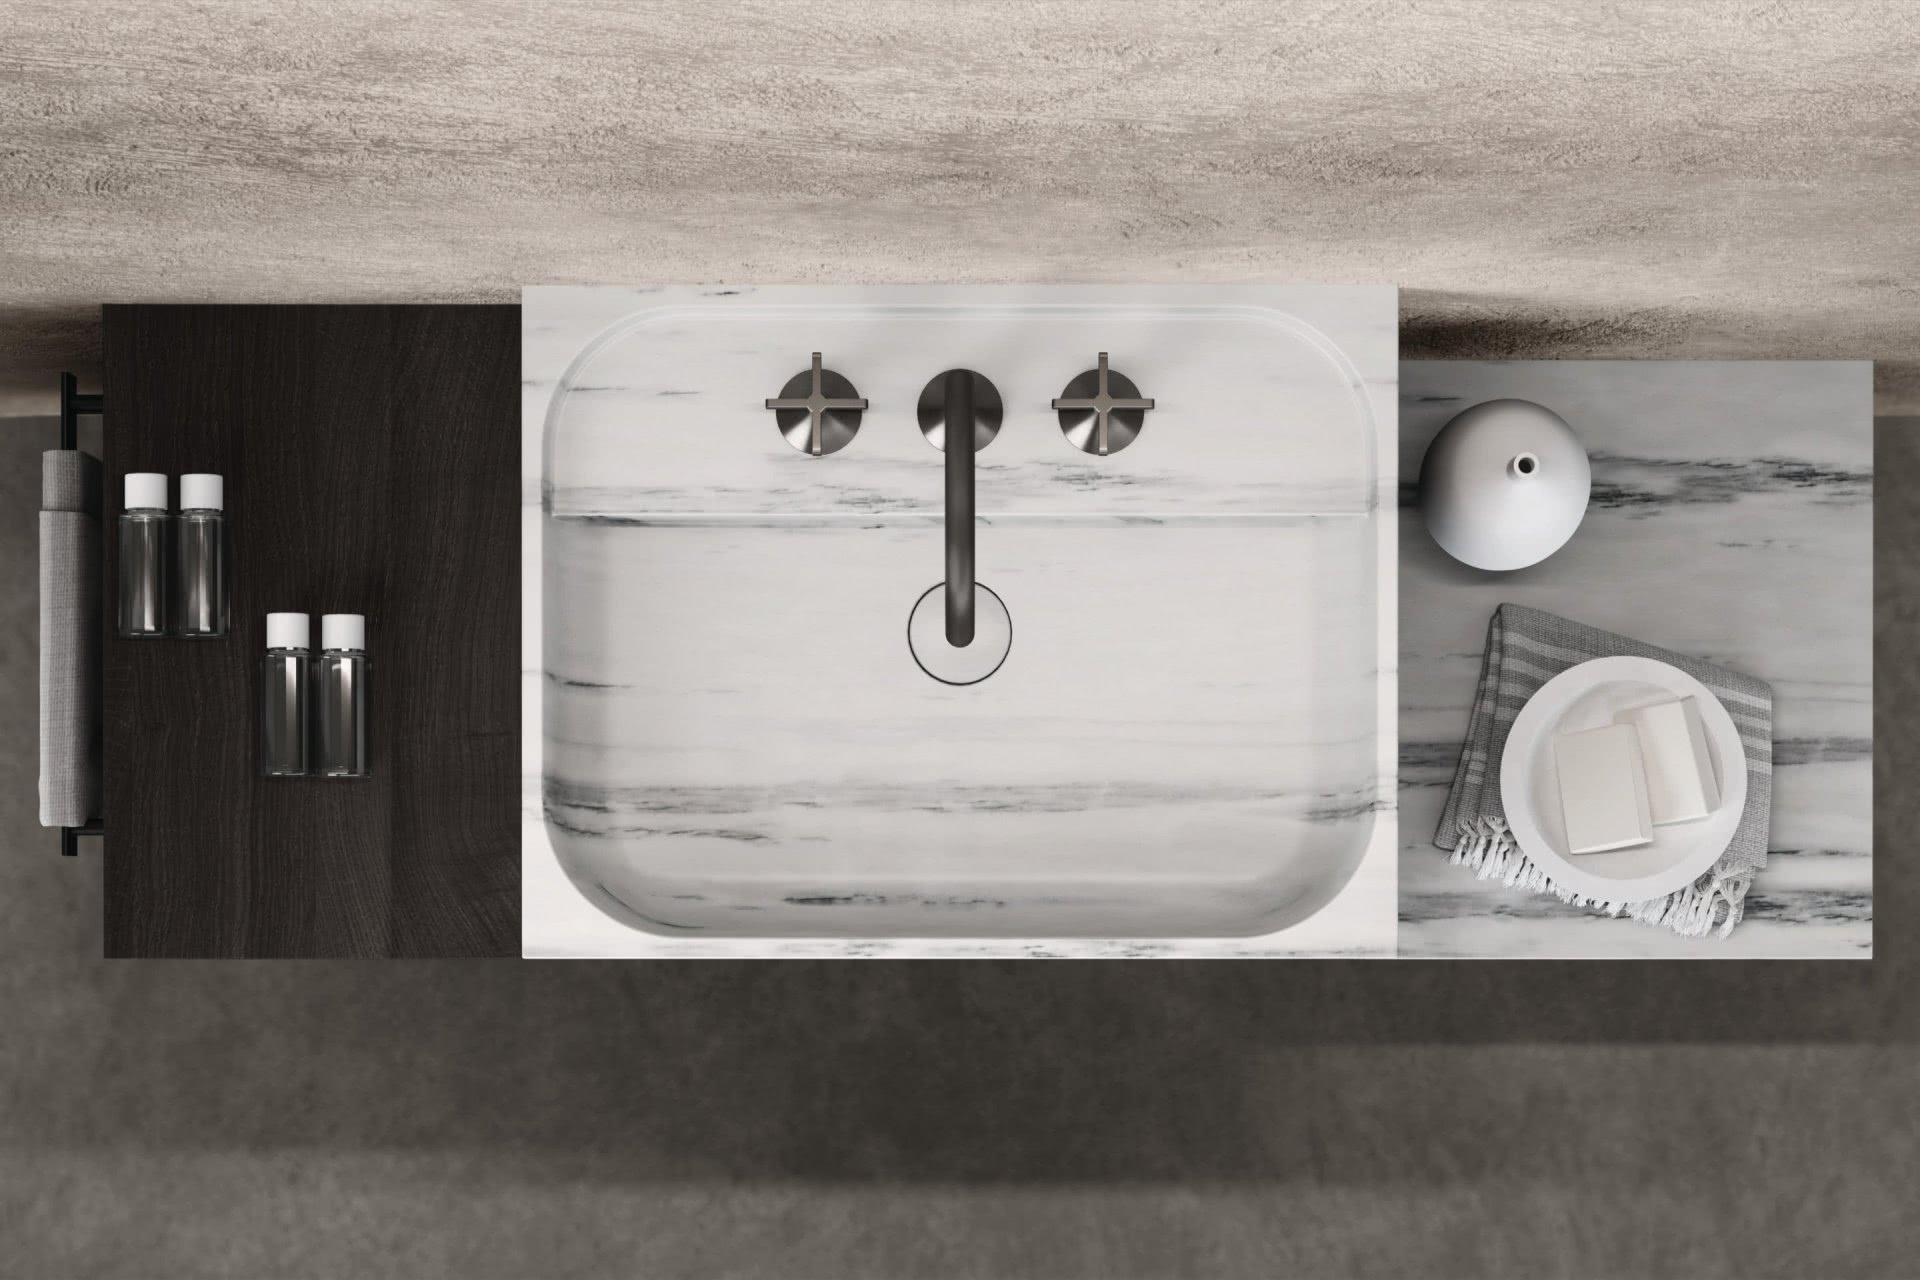 Badezimmer Badewelten Traumbad talsee waschtisch source 01